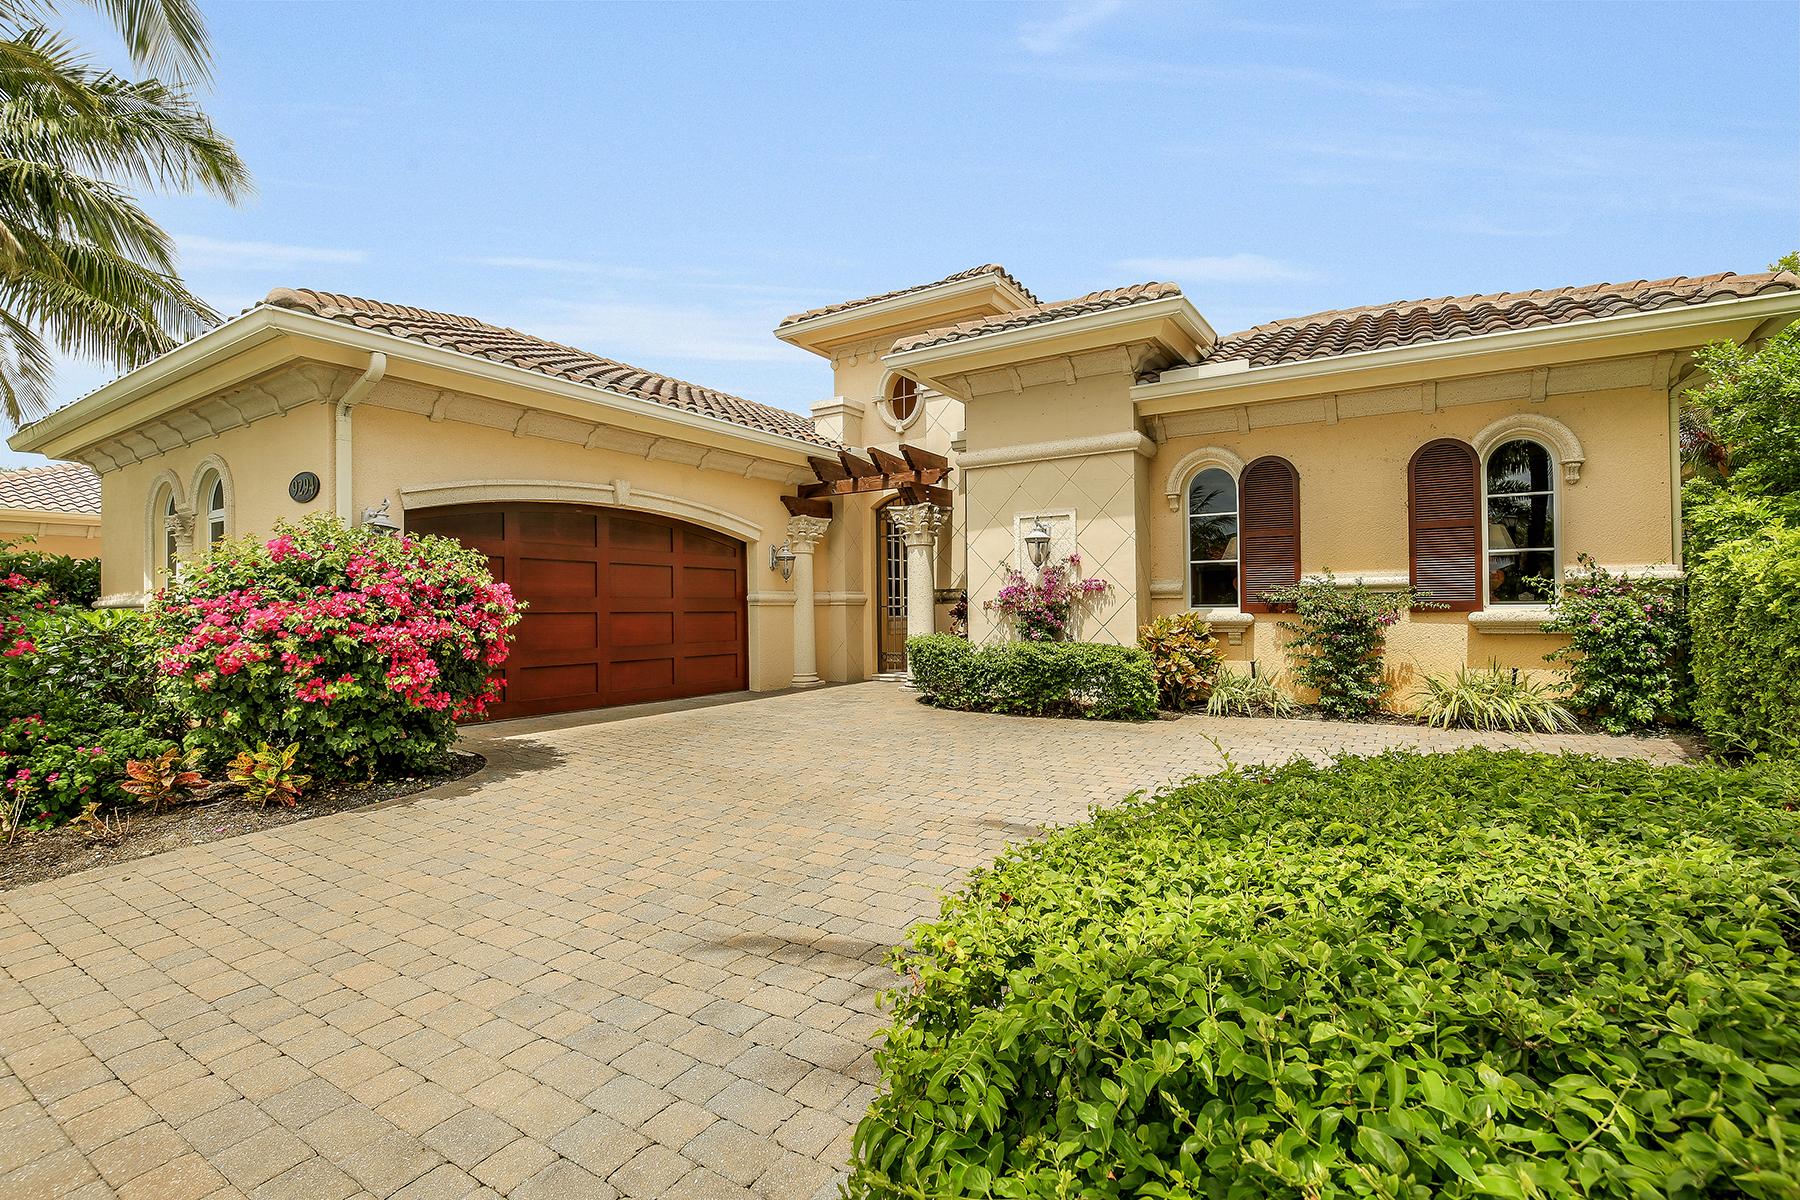 Casa para uma família para Venda às FIDDLER'S CREEK - CHIASSO 9294 Chiasso Cove Ct Naples, Florida, 34114 Estados Unidos